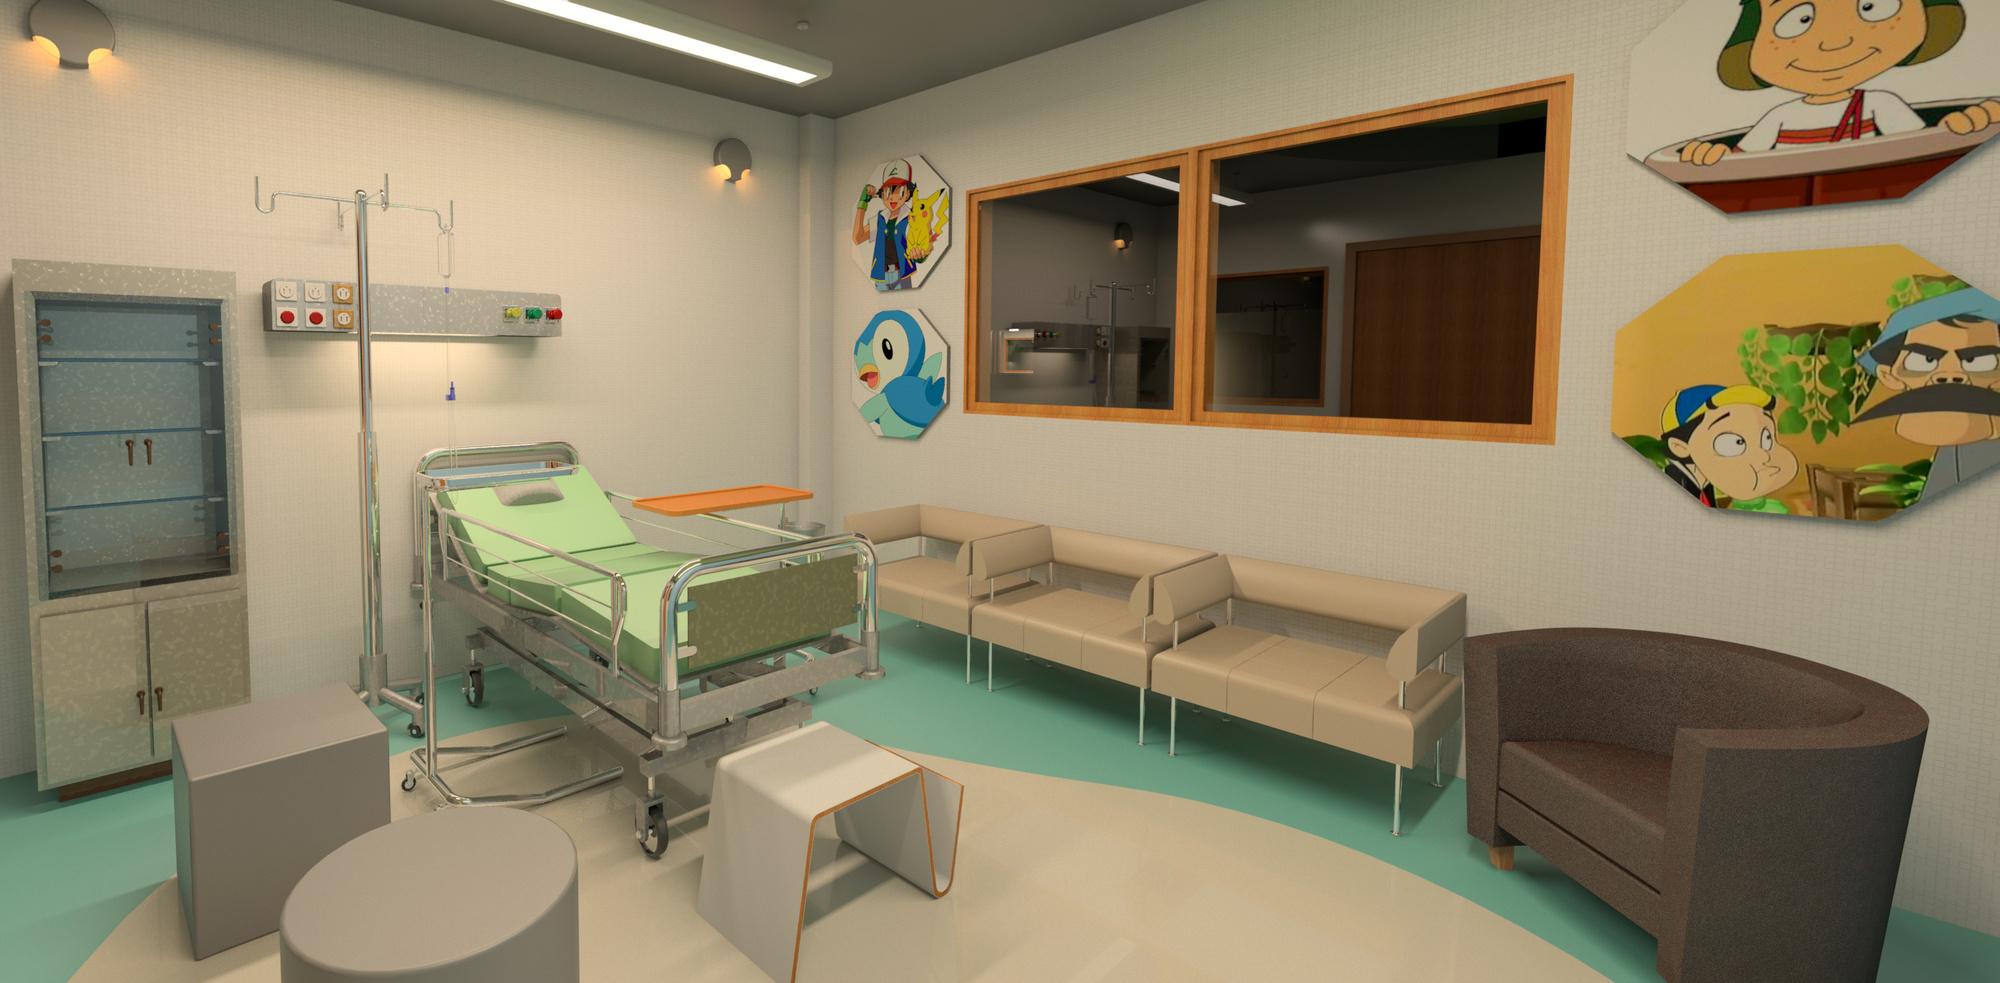 Raas-rendering20150506-11739-10vz5x3